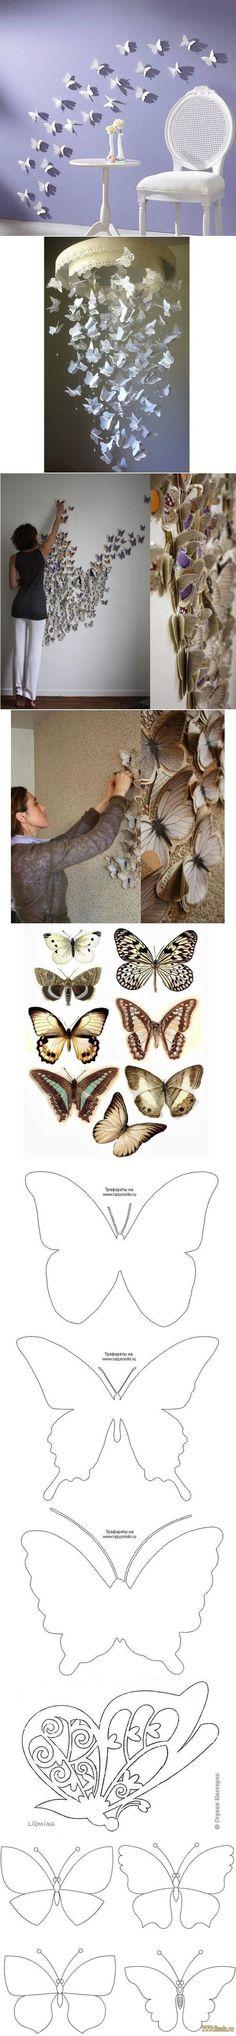 DIY Butterfly Pattern Wall Decor